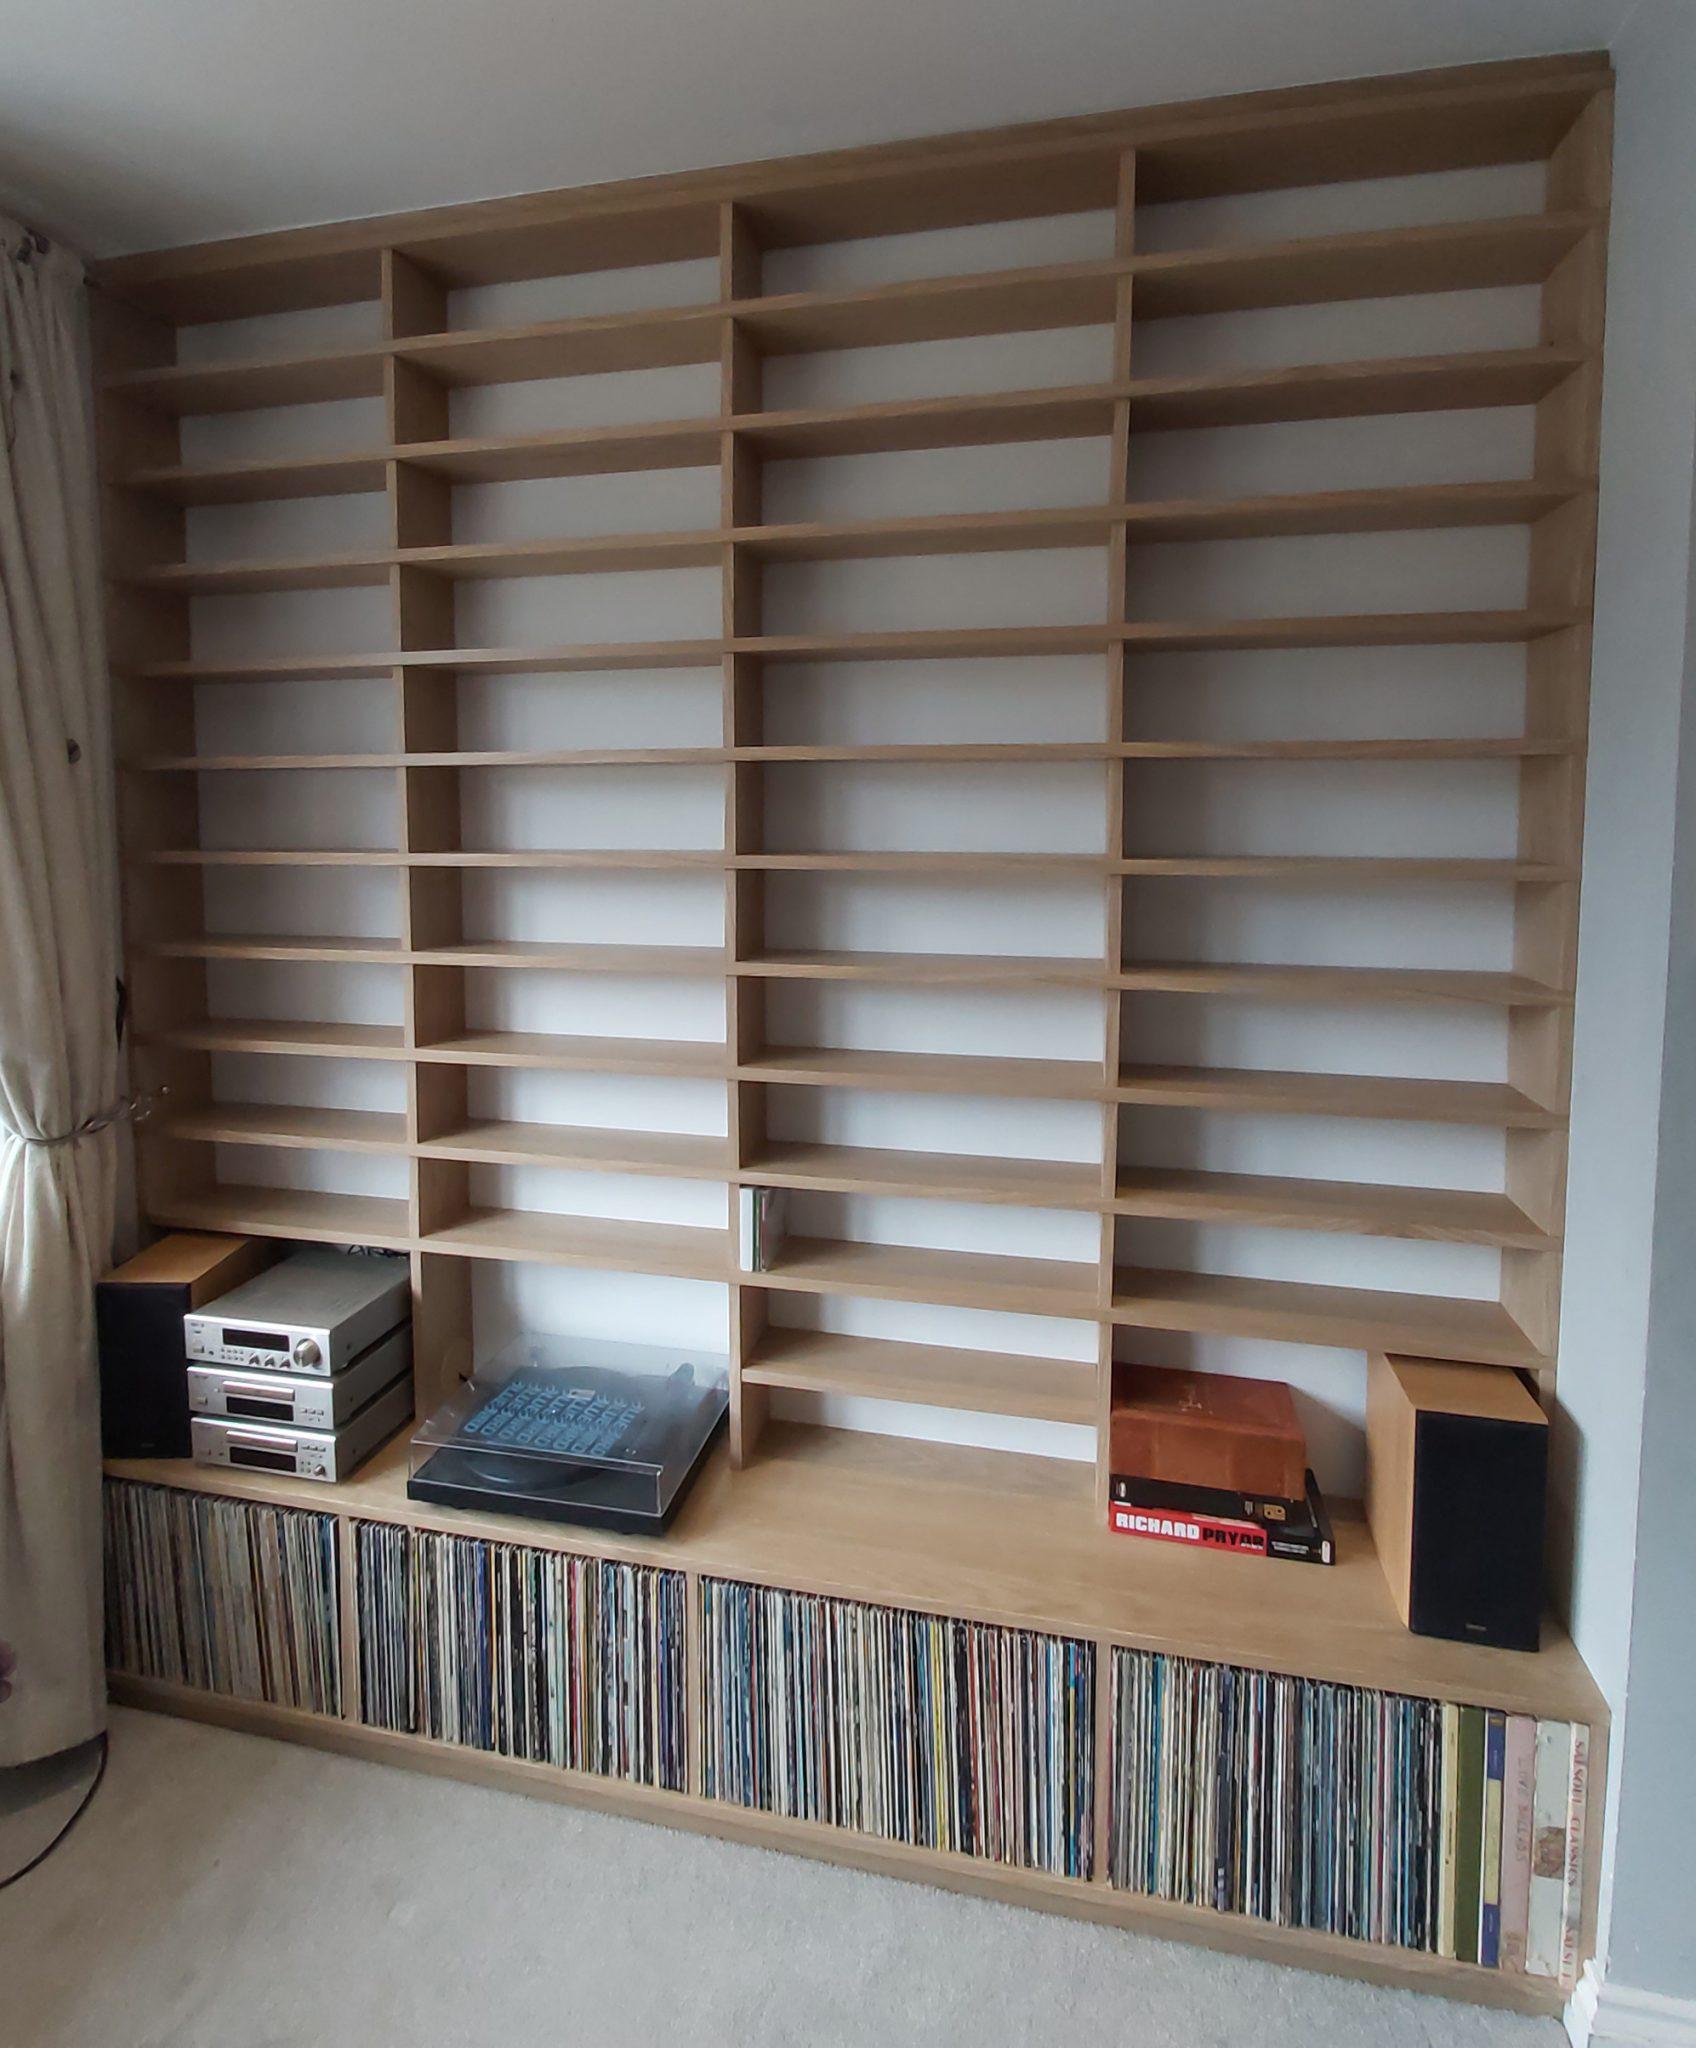 Installed shelves